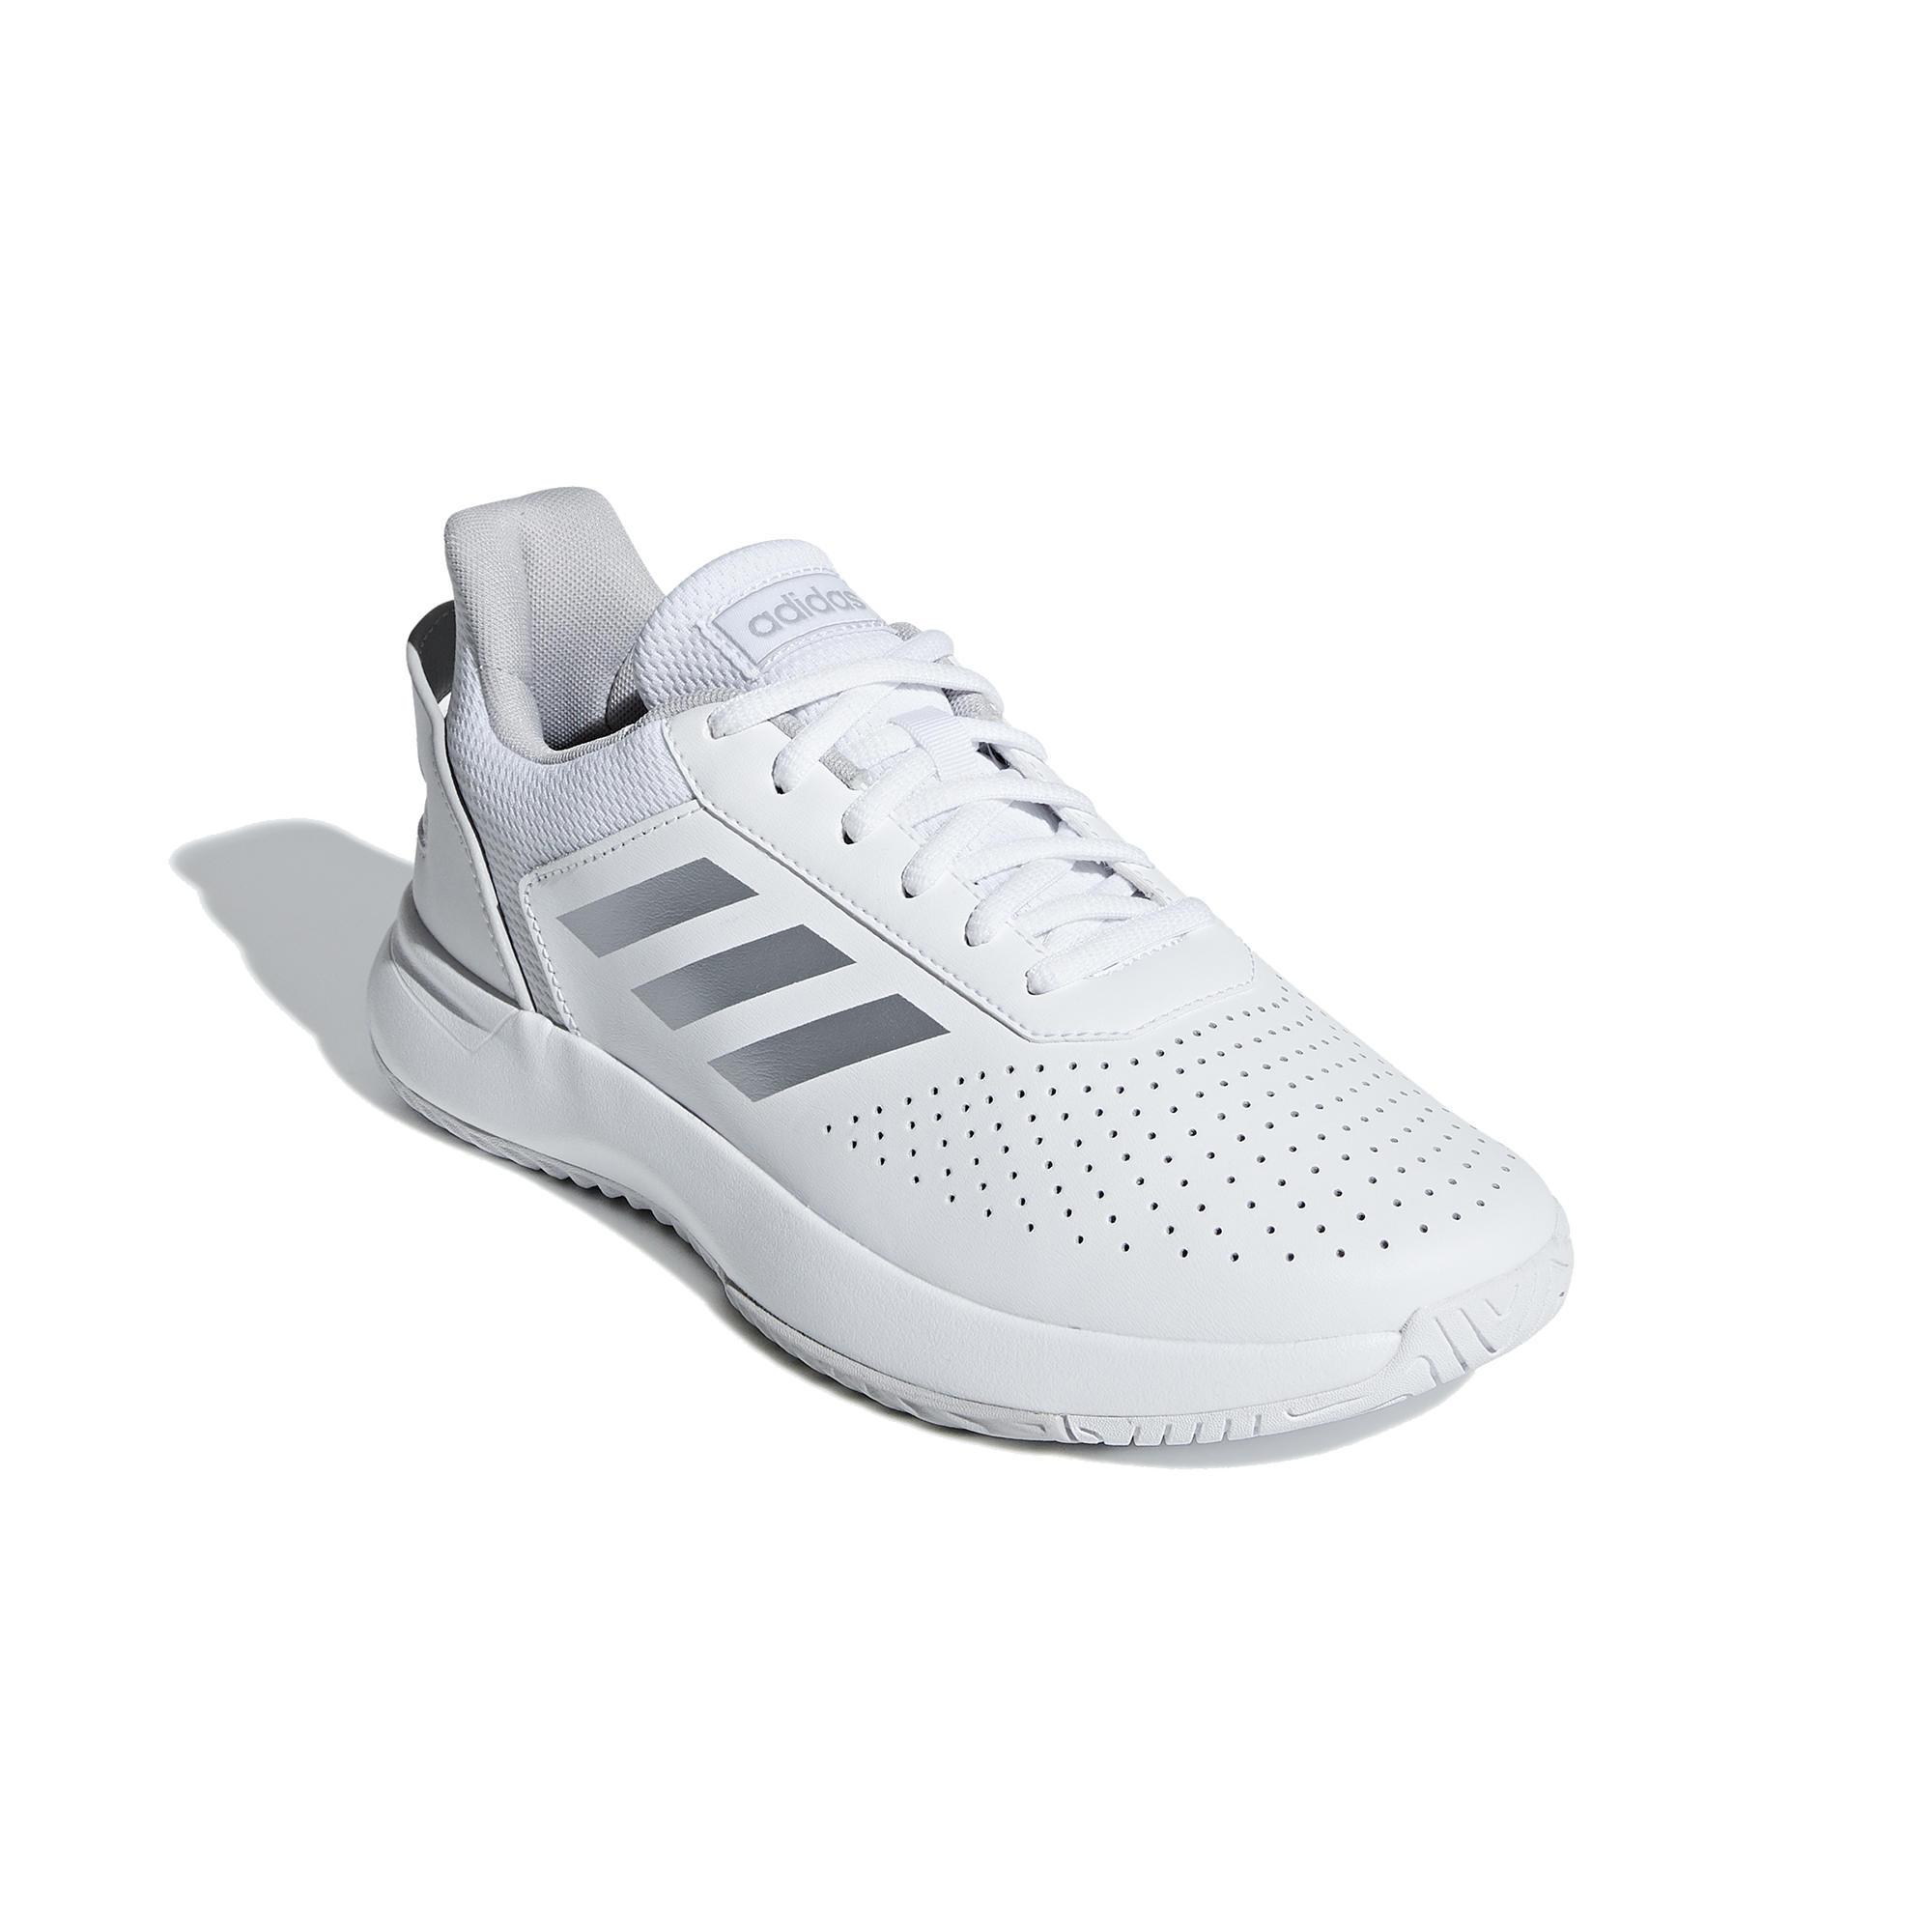 Tennisschuhe Adidas Court Smash Damen weiß | Schuhe > Sportschuhe > Tennisschuhe | Adidas